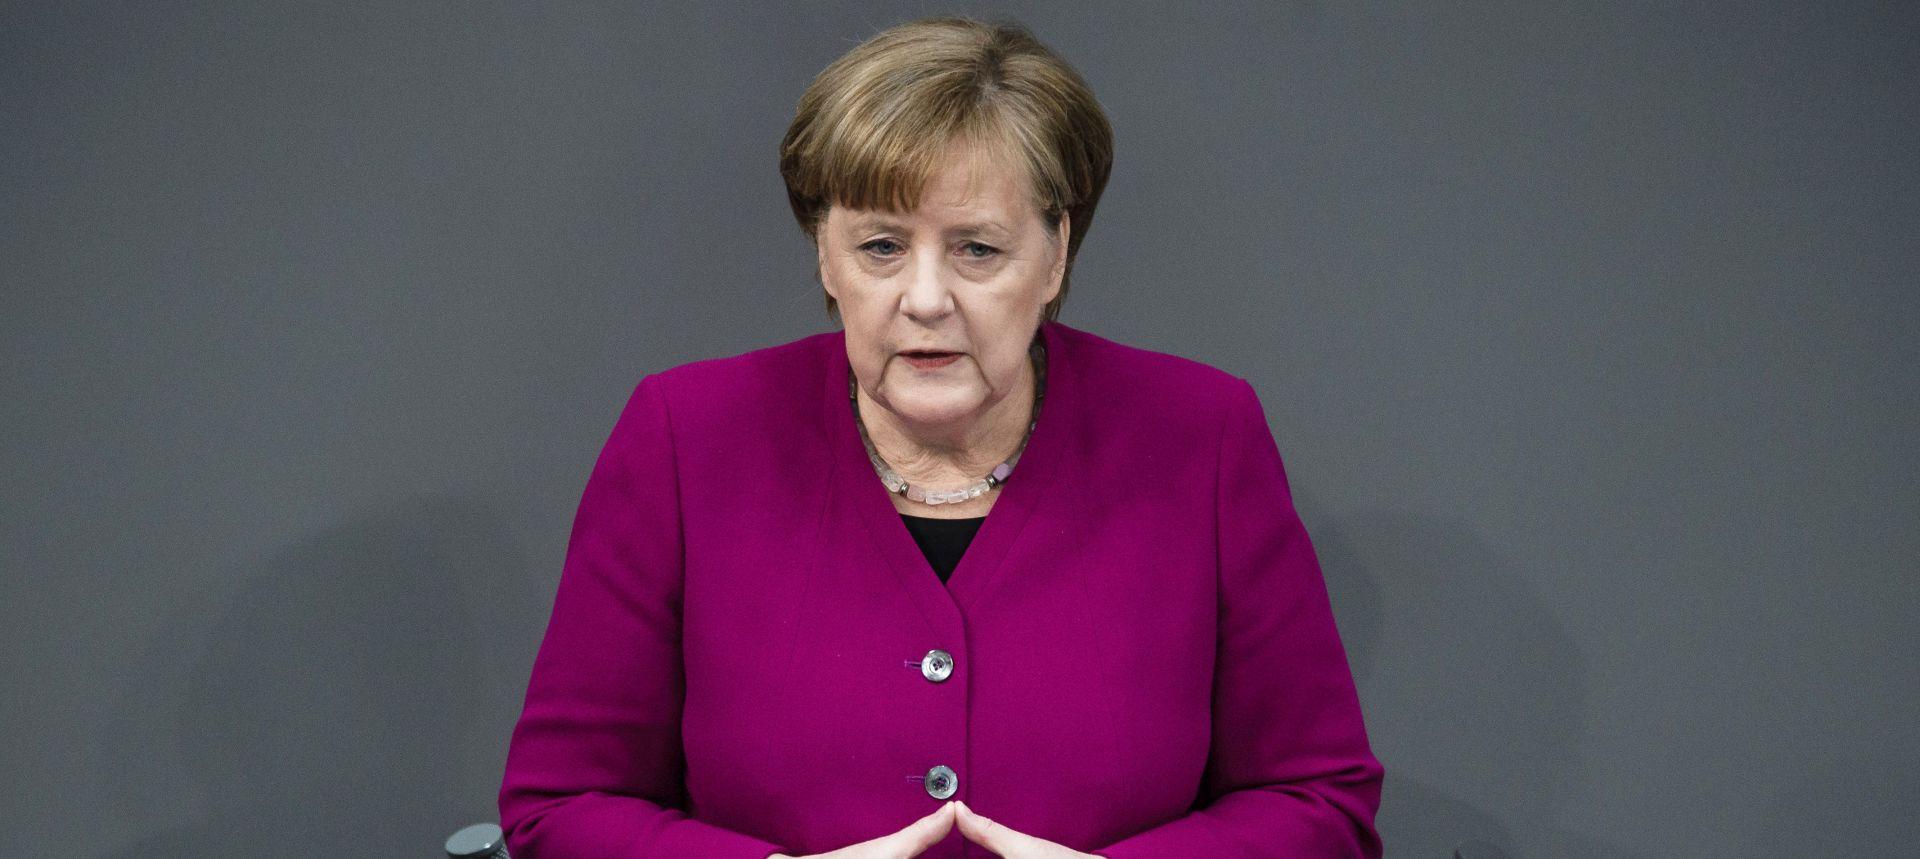 'POSLJEDNJA PRILIKA' Danas odluka o sukobu između CDU-a i CSU-a